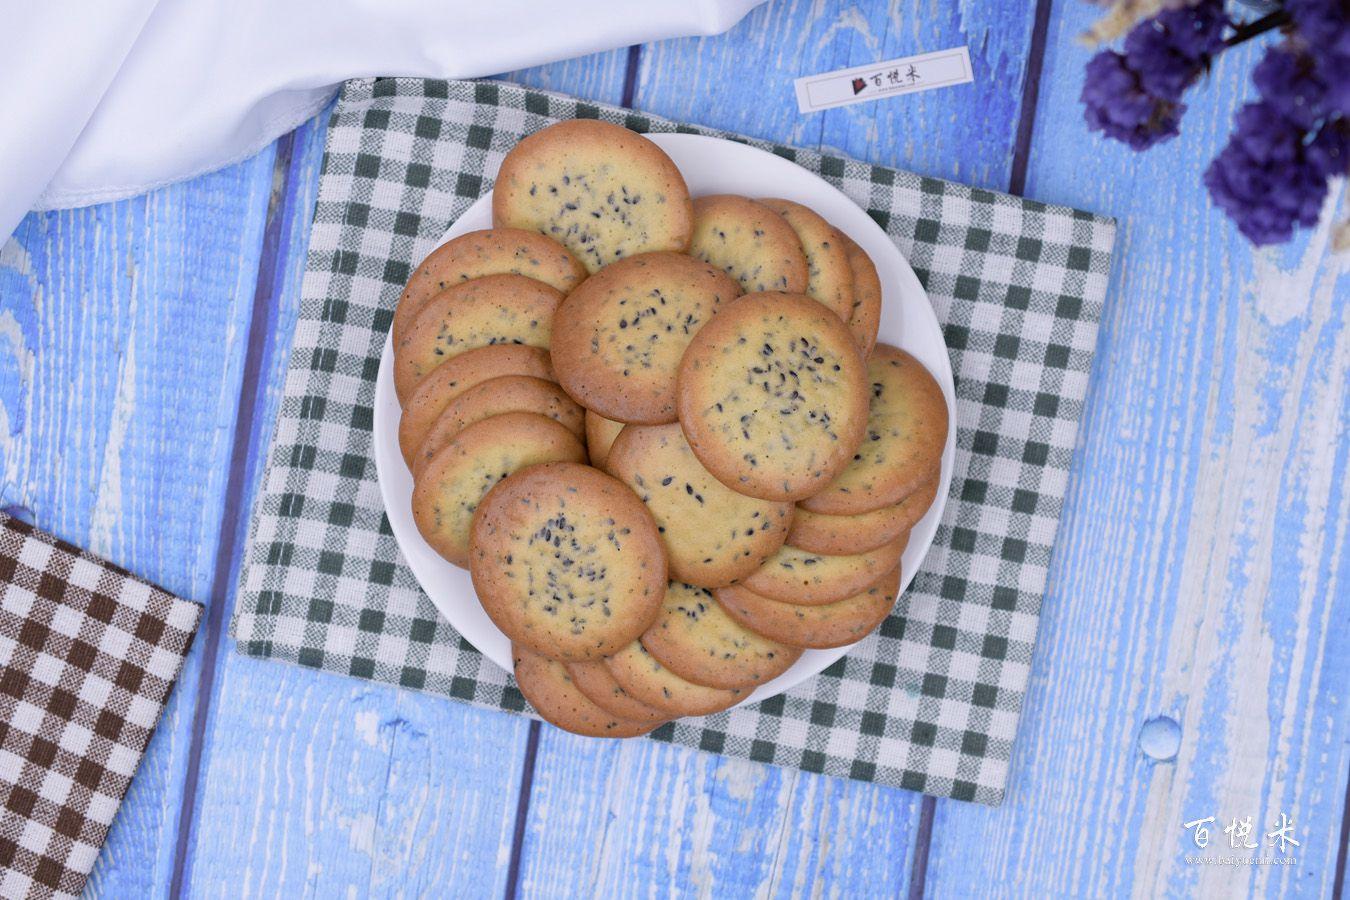 黑芝麻鸡蛋瓦片饼干的做法大全,鸡蛋瓦片饼干西点培训图文教程分享